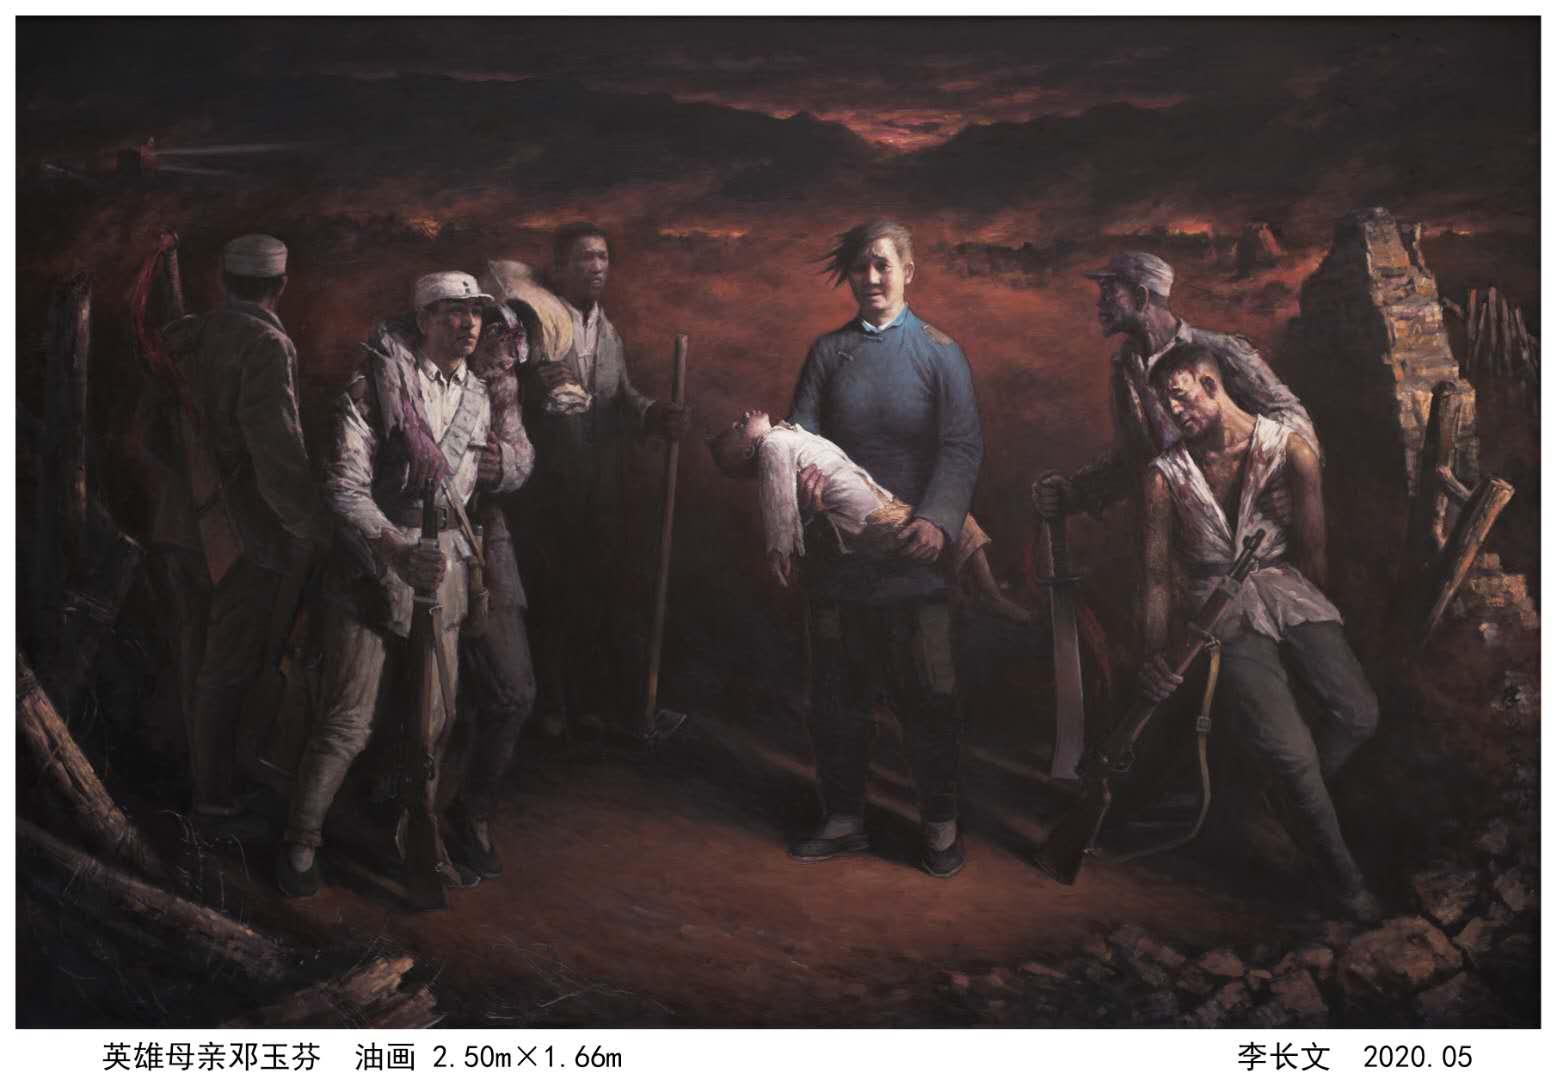 抗戰題材油畫《英雄母親鄧玉芬》亮相北京